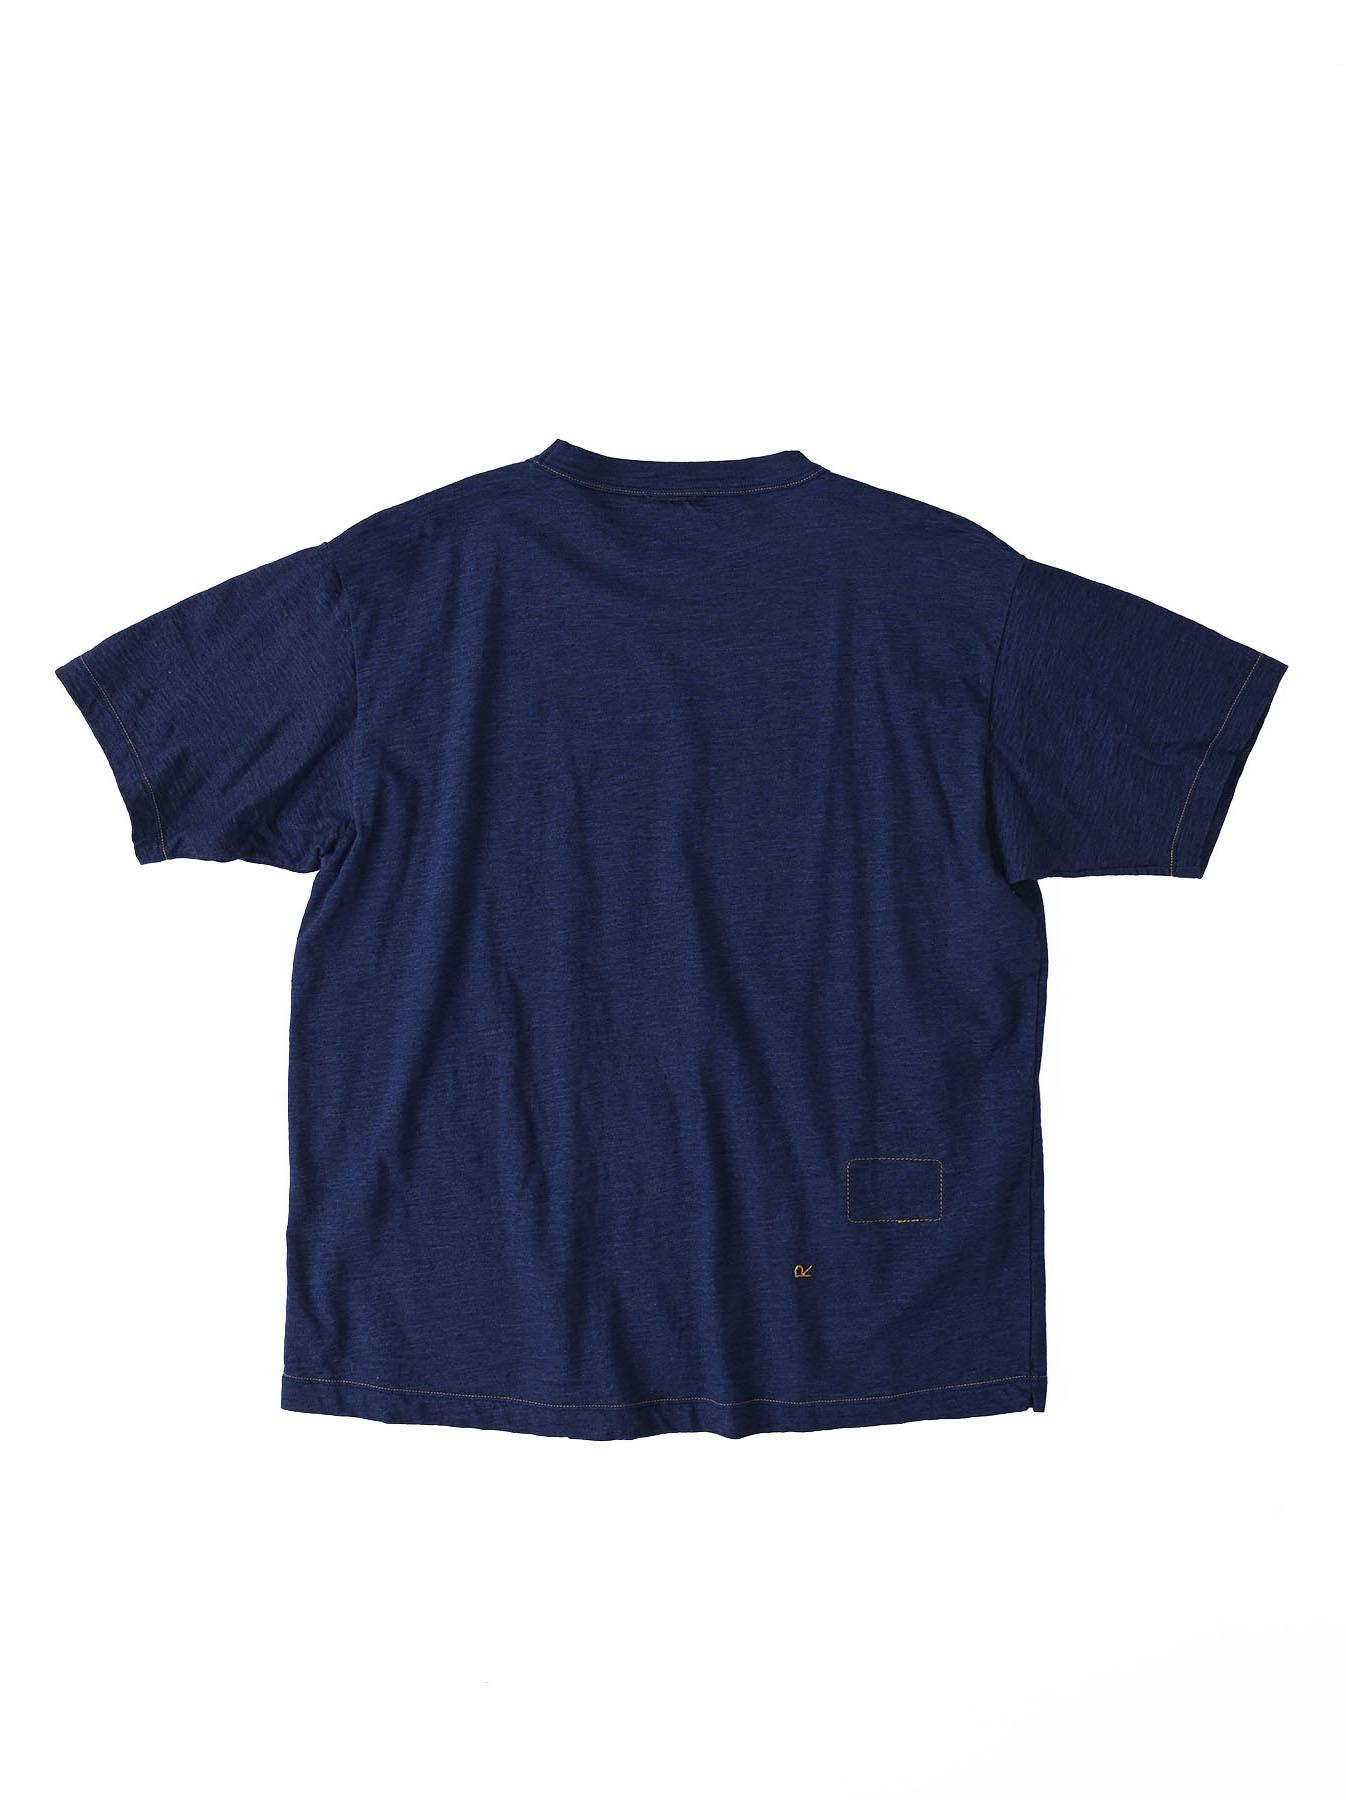 Indigo Ukiyo de Surf 908 Ocean T-shirt (0621)-7